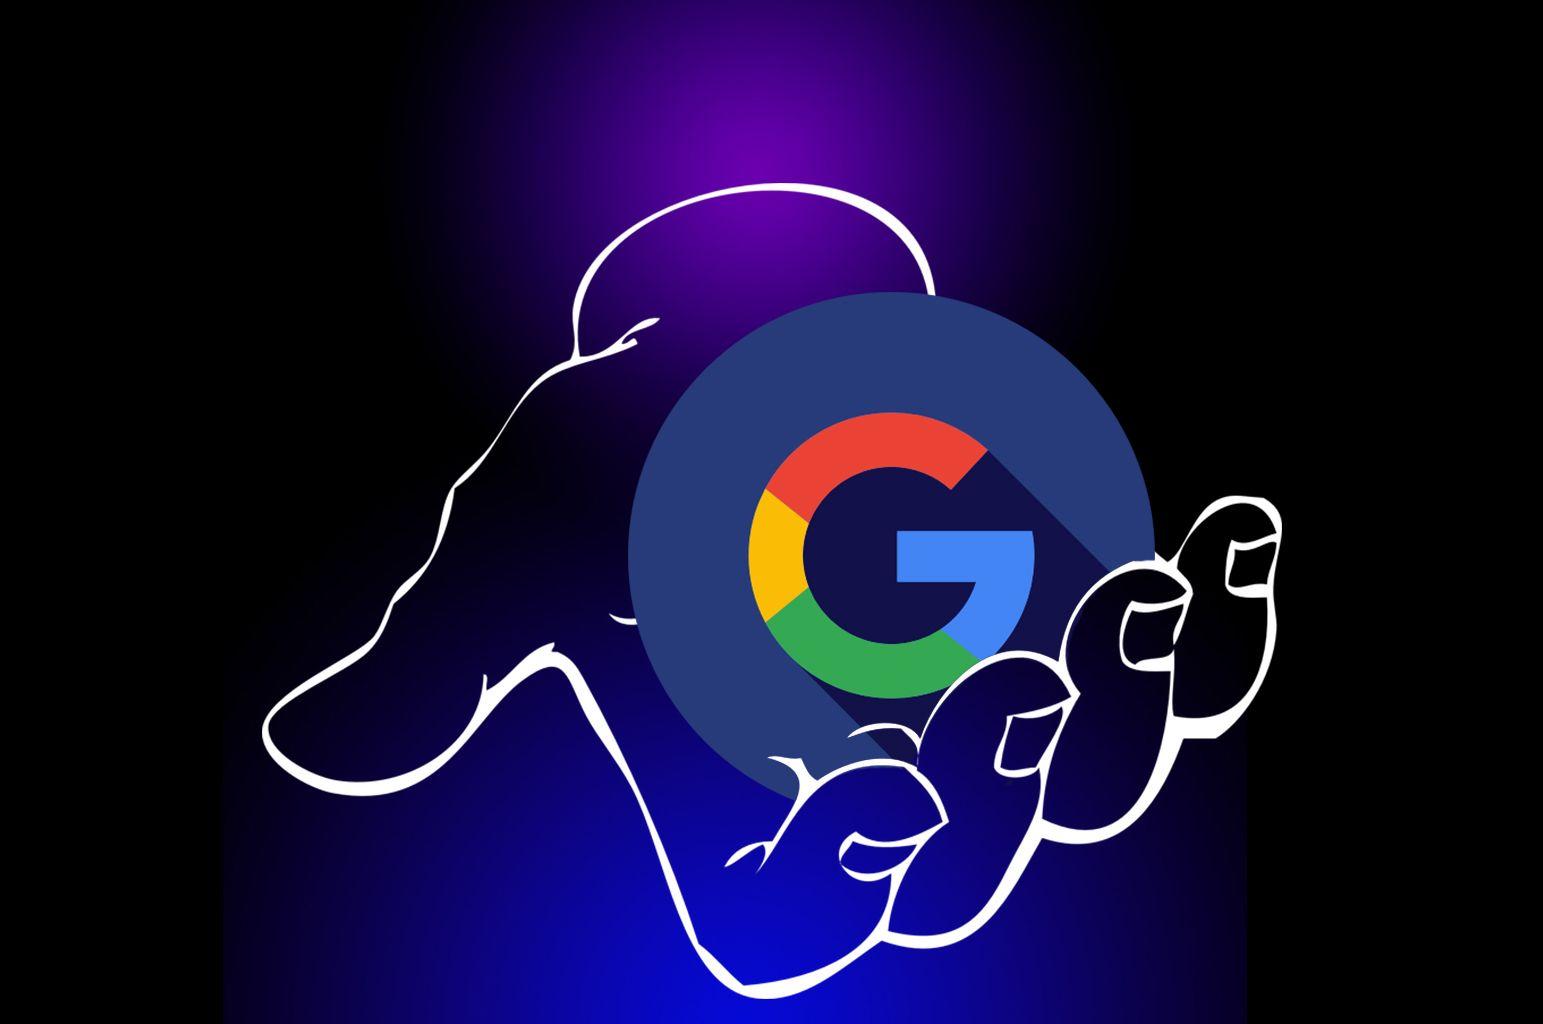 googlehelp.jpg